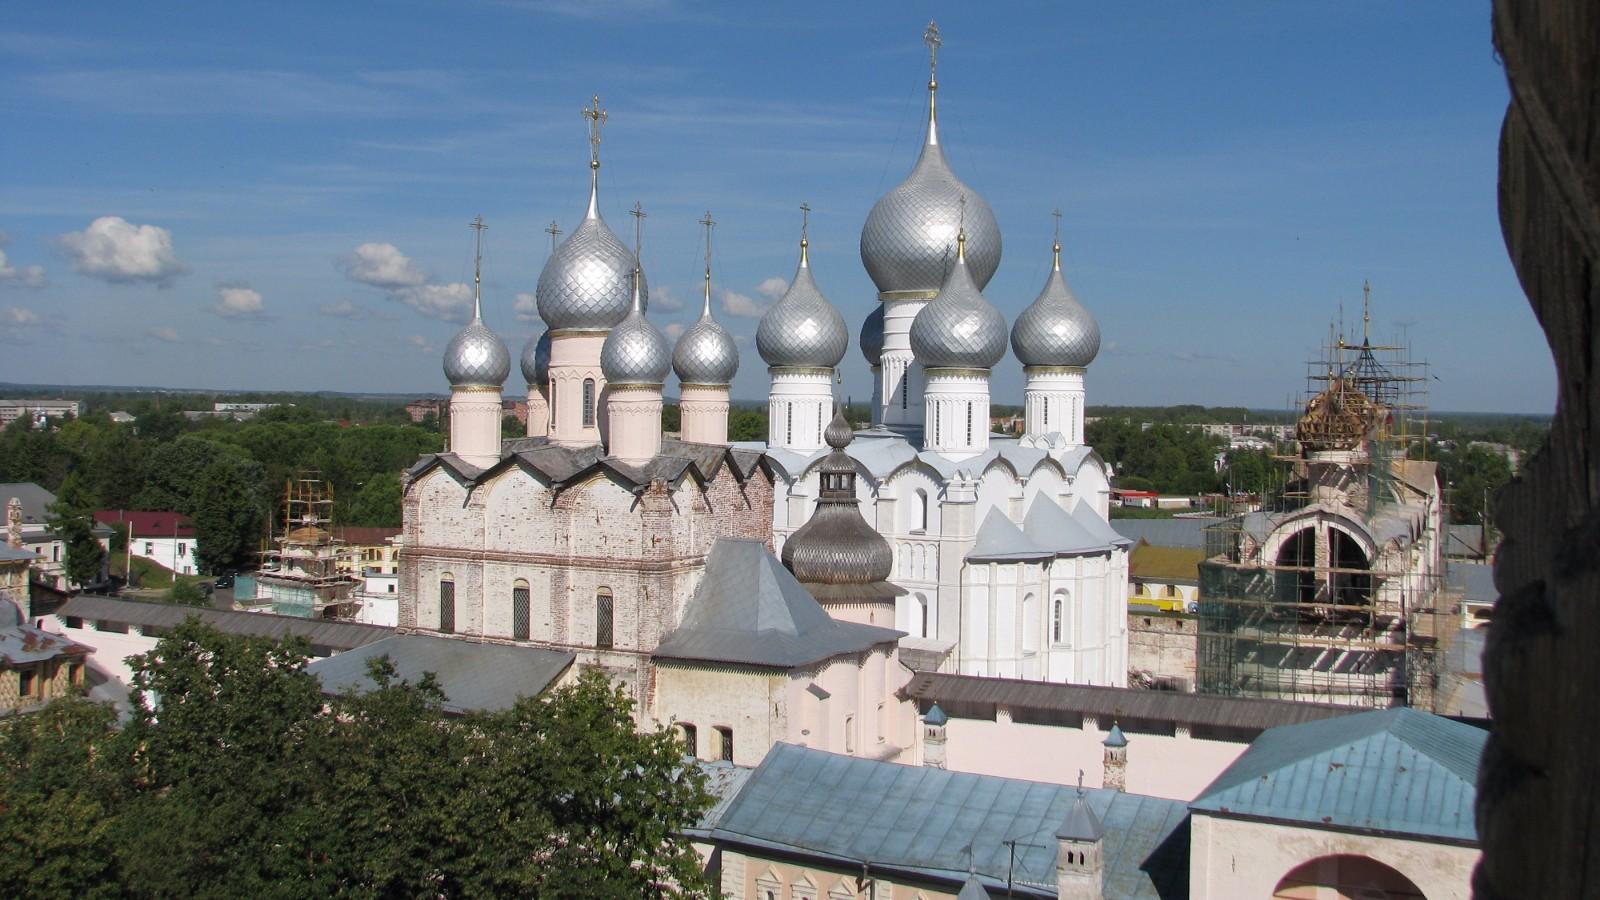 Ростово-Ярославский архитектурно-художественный музей-заповедник